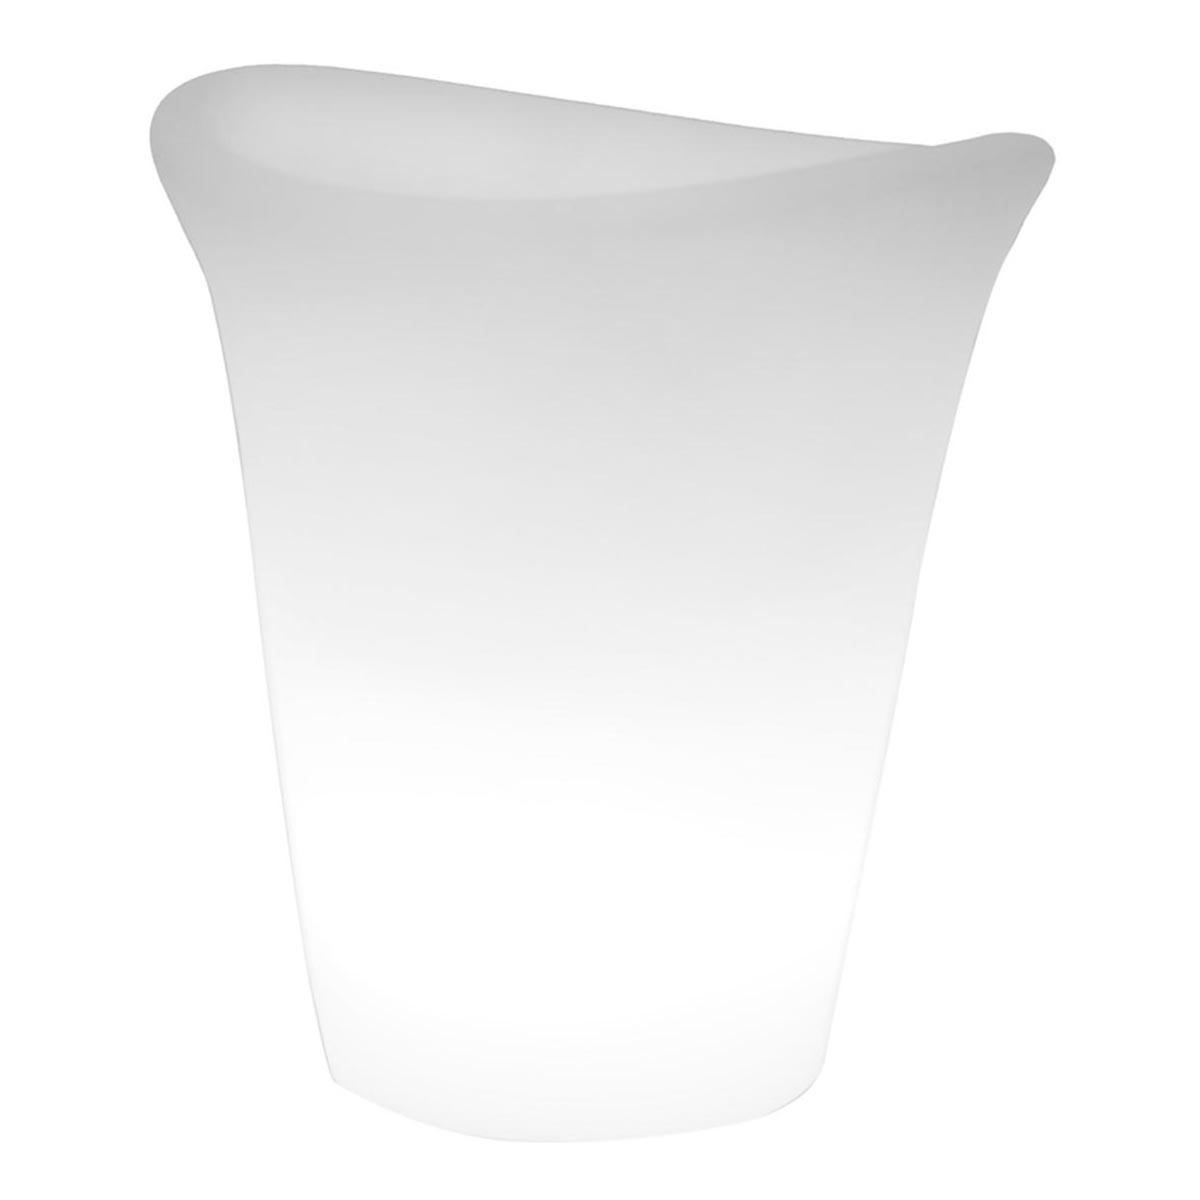 LUMISKY Seau à champagne lumineux plastique blanc H35cm